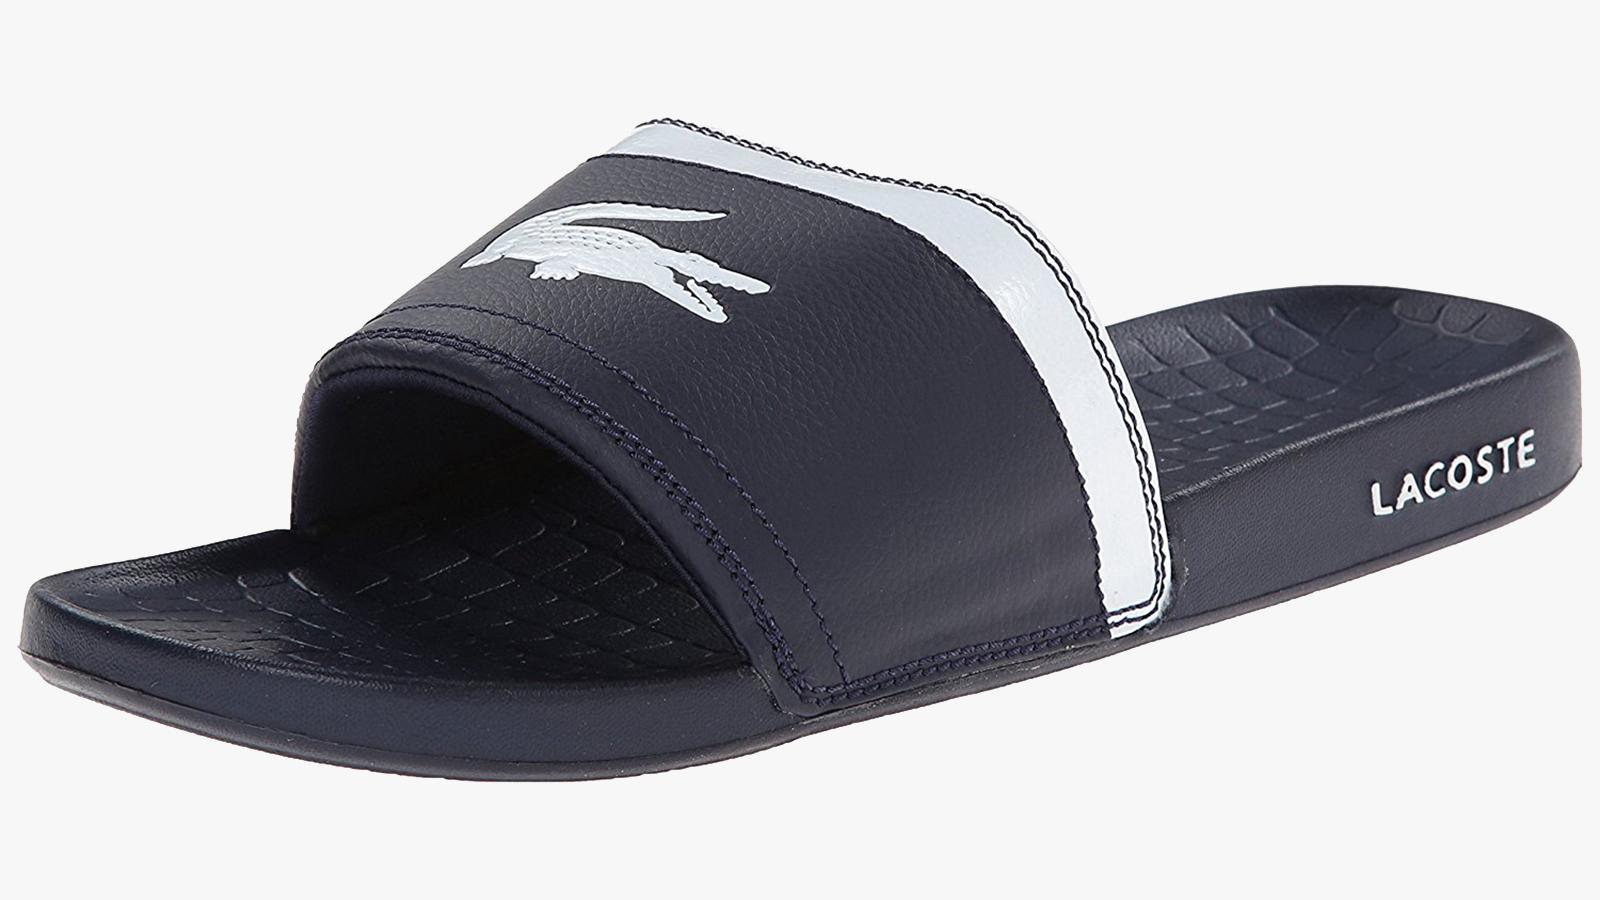 Lacoste Fraiser BRD1 Best Men's Slides